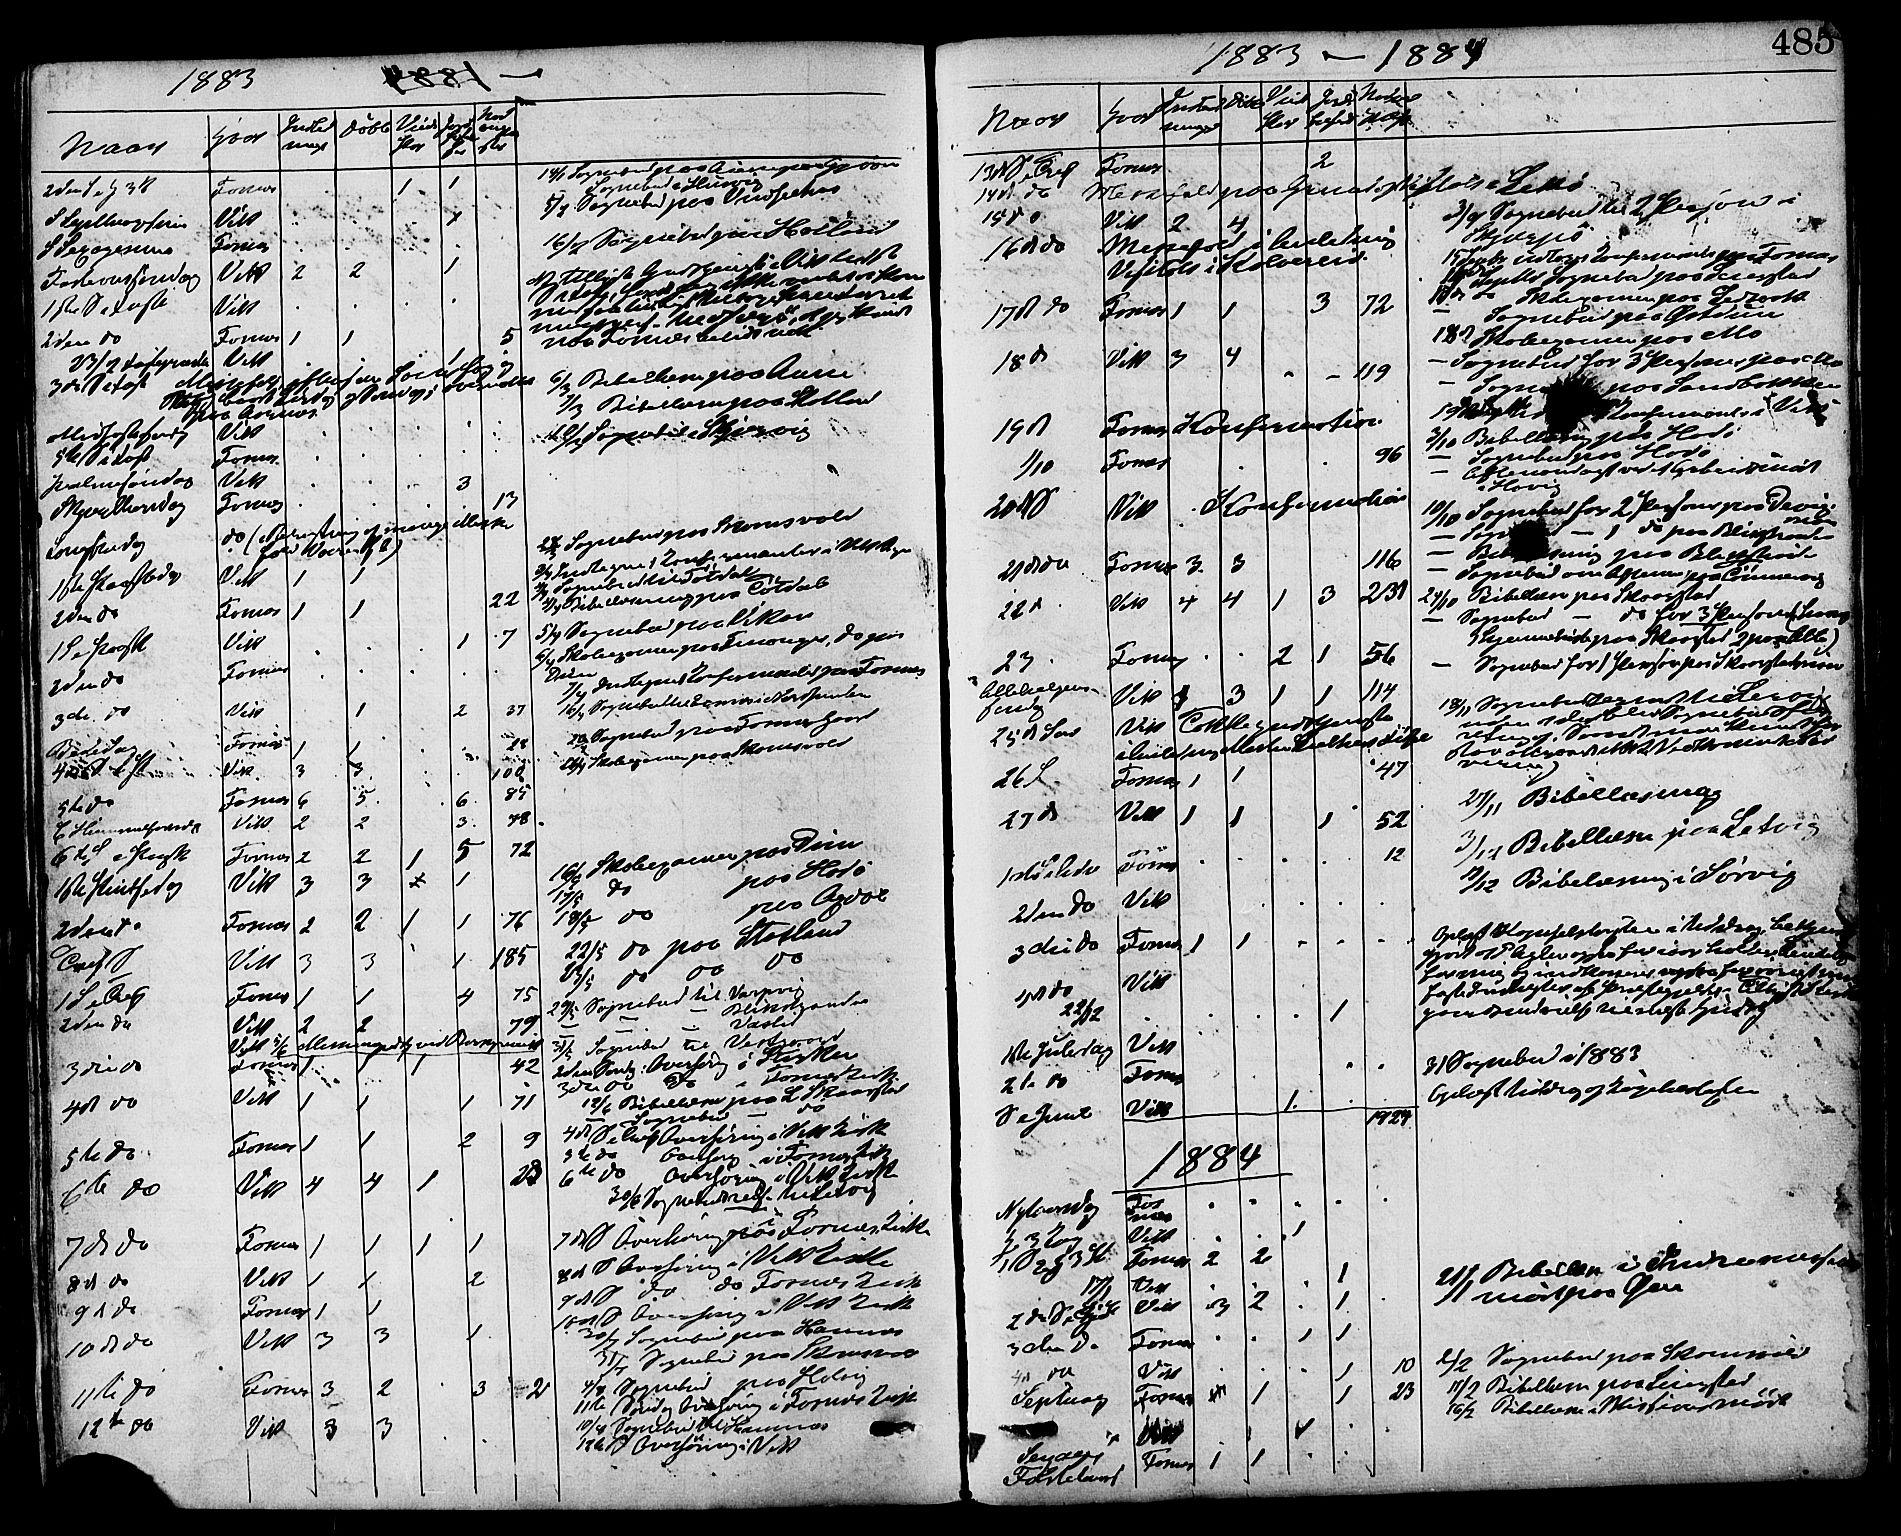 SAT, Ministerialprotokoller, klokkerbøker og fødselsregistre - Nord-Trøndelag, 773/L0616: Ministerialbok nr. 773A07, 1870-1887, s. 485